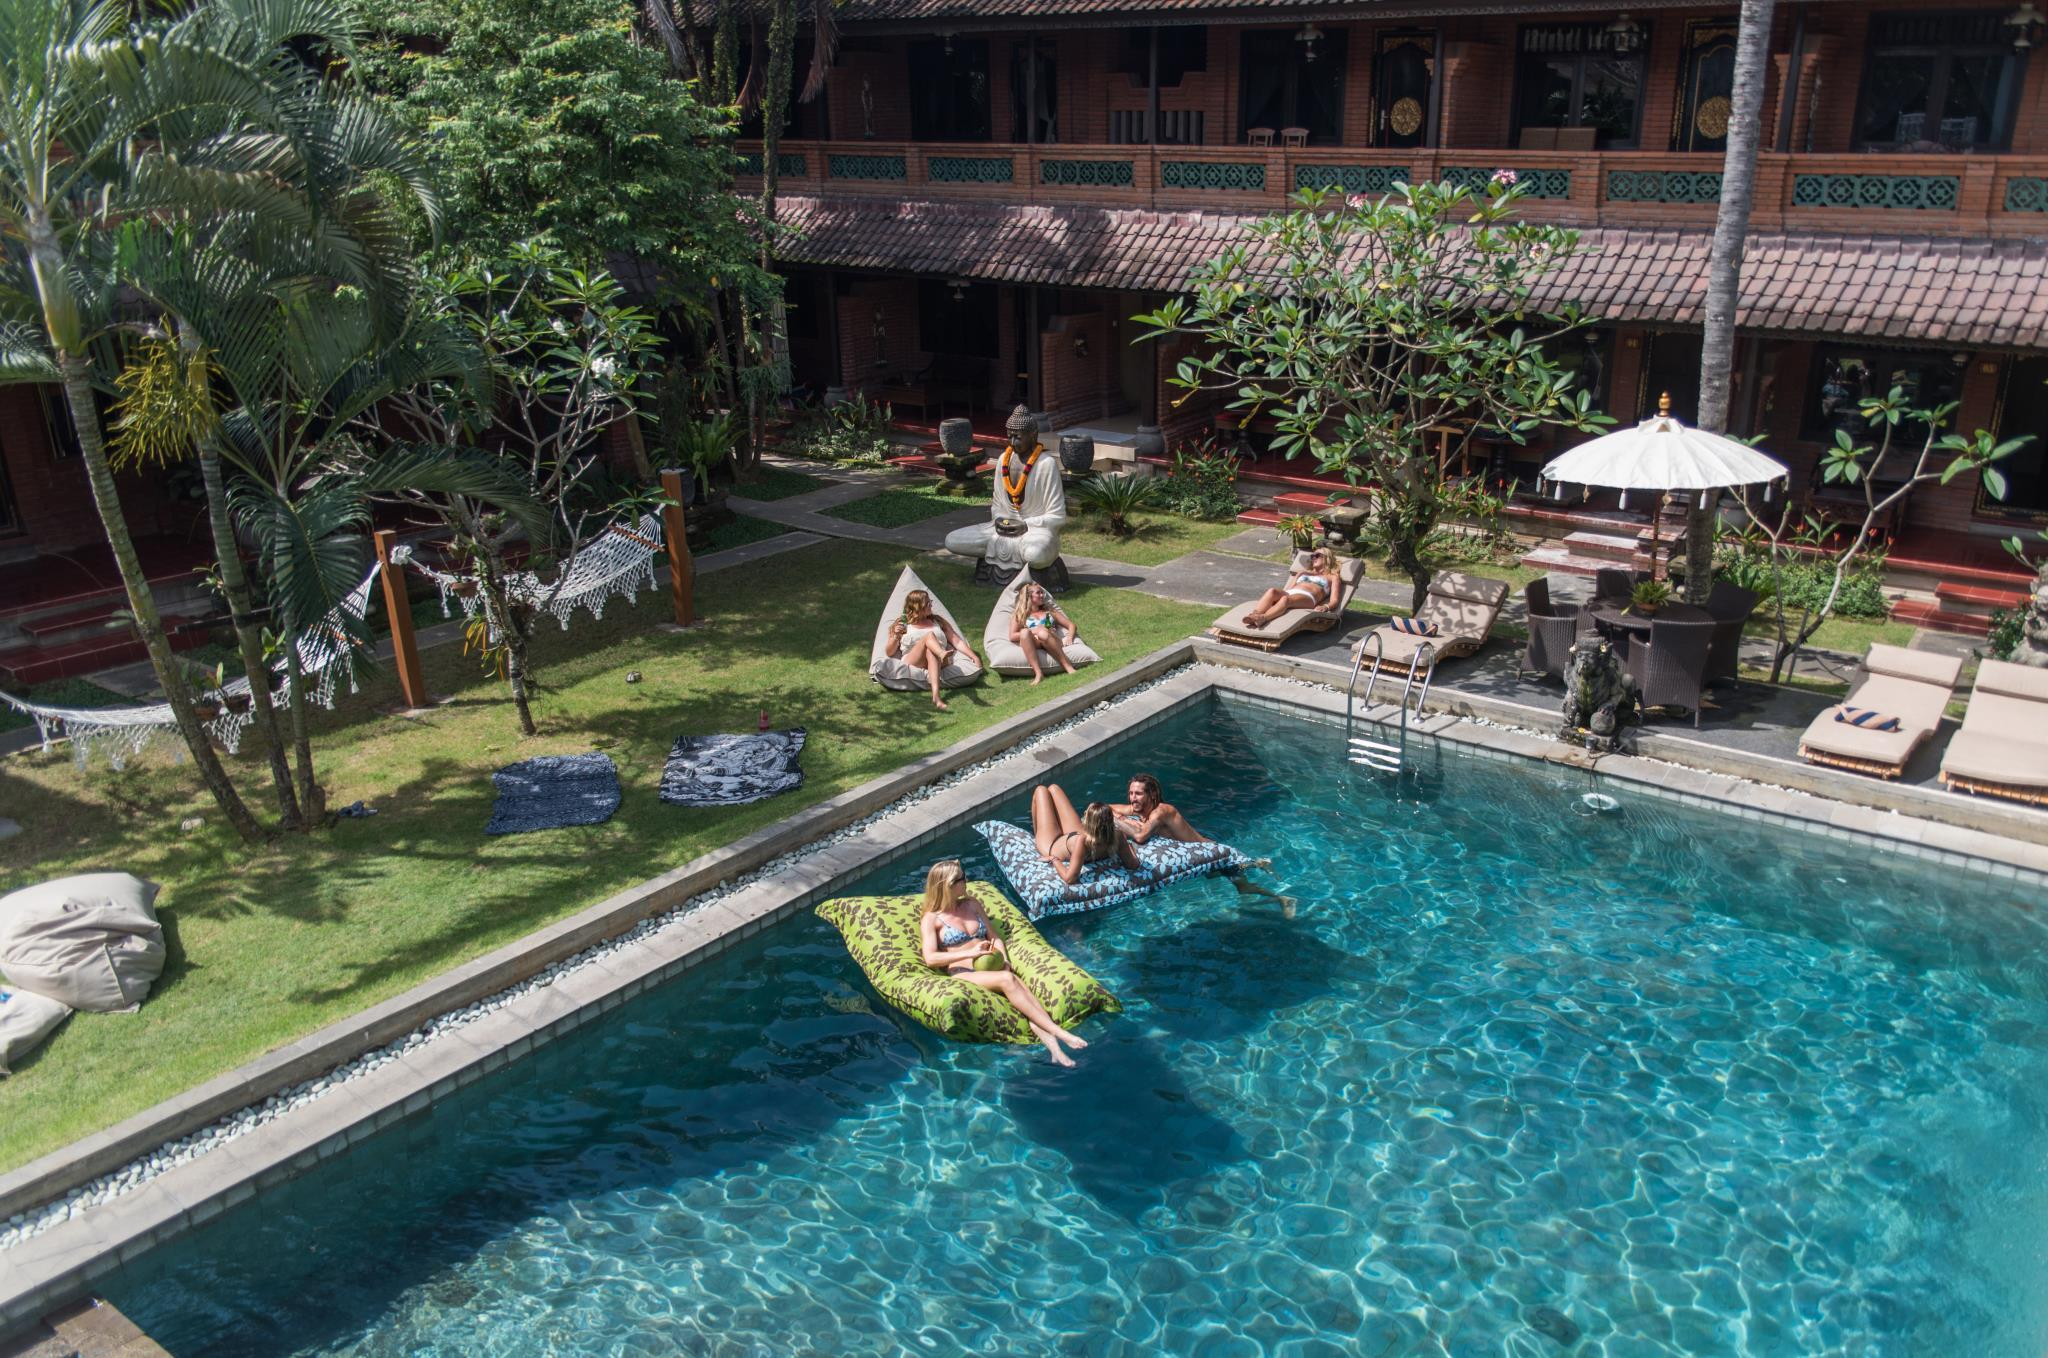 Puri Garden Hotel and Hostel ホテル詳細